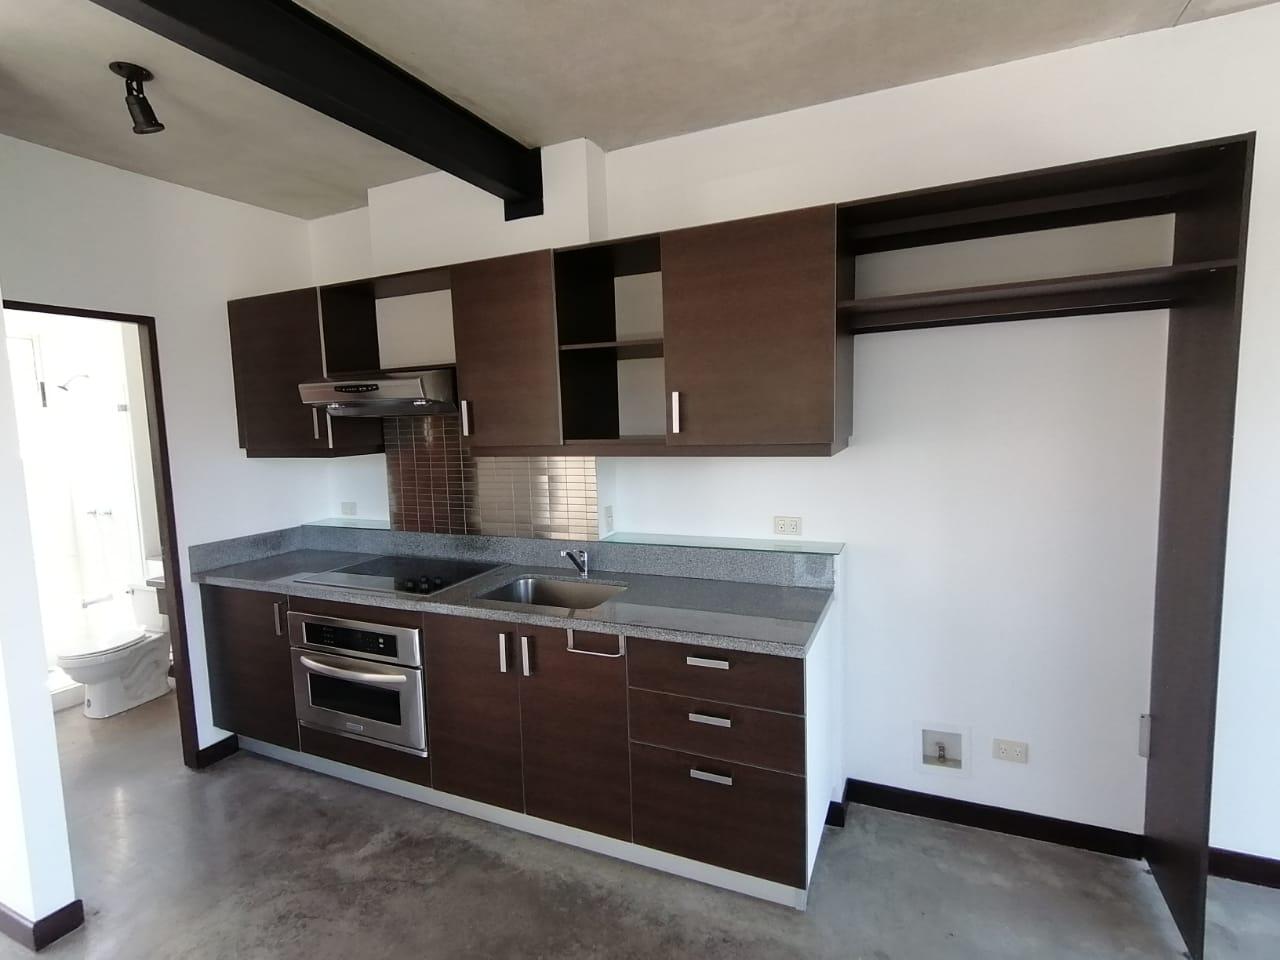 #2217 En Venta Apartamento Tipo Loft, Santa Ana